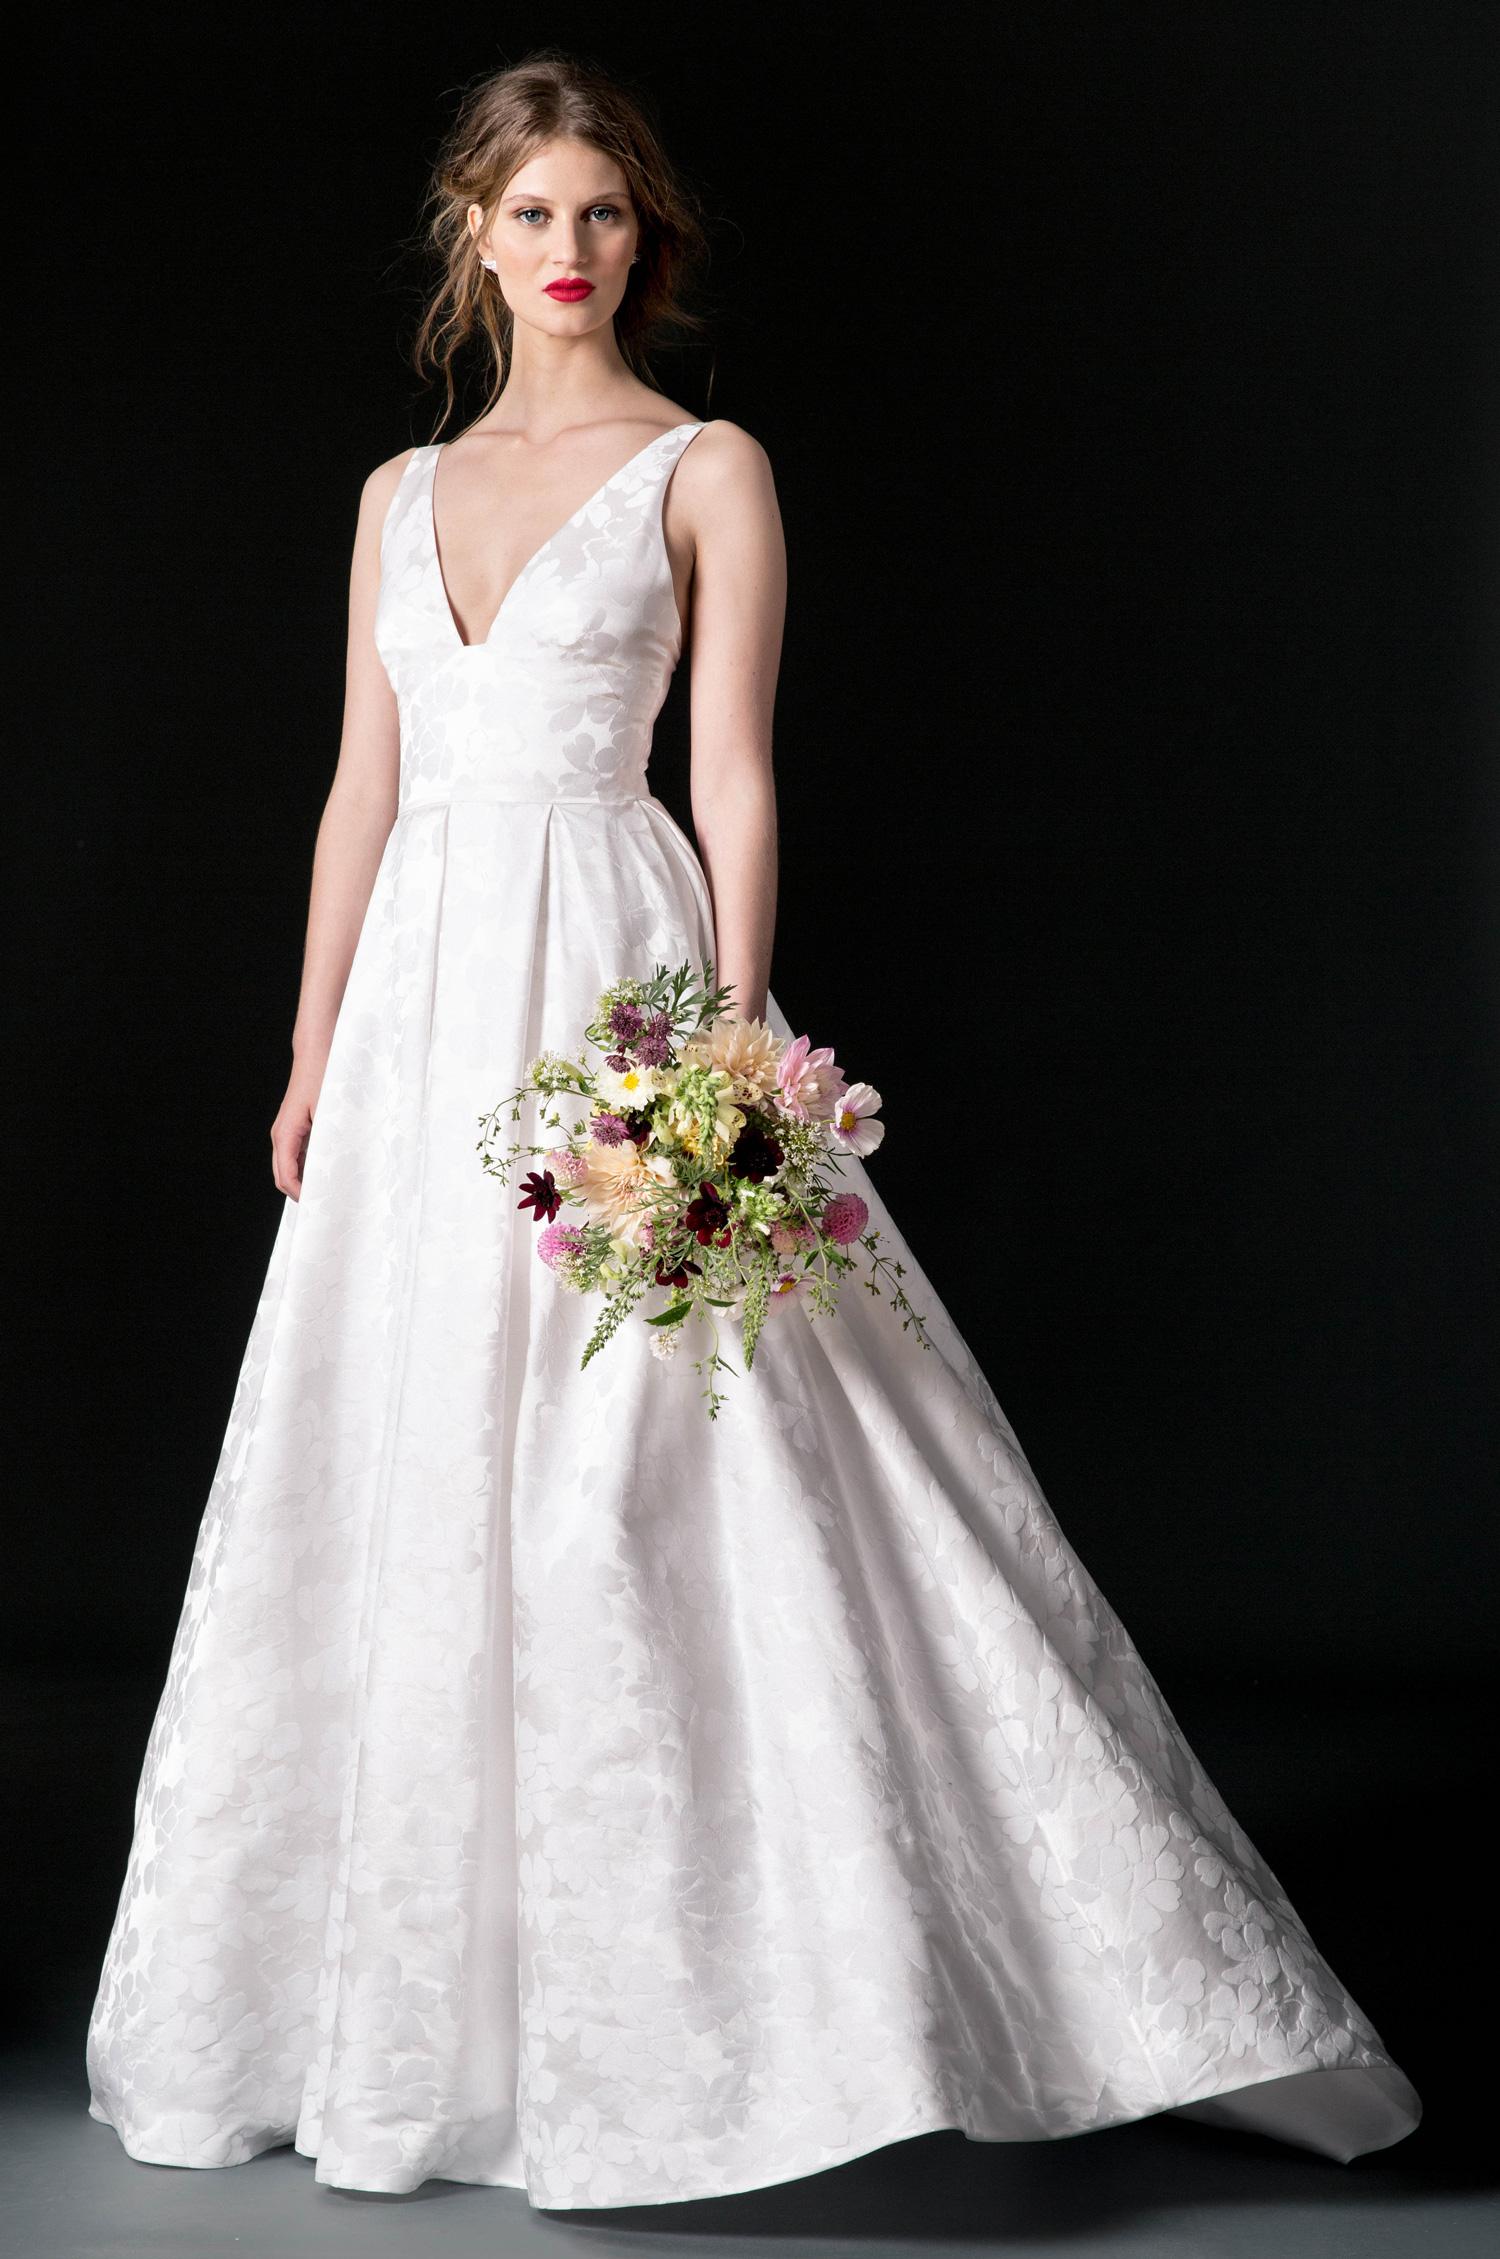 temperley wedding dress fall 2018 v-neck a-line